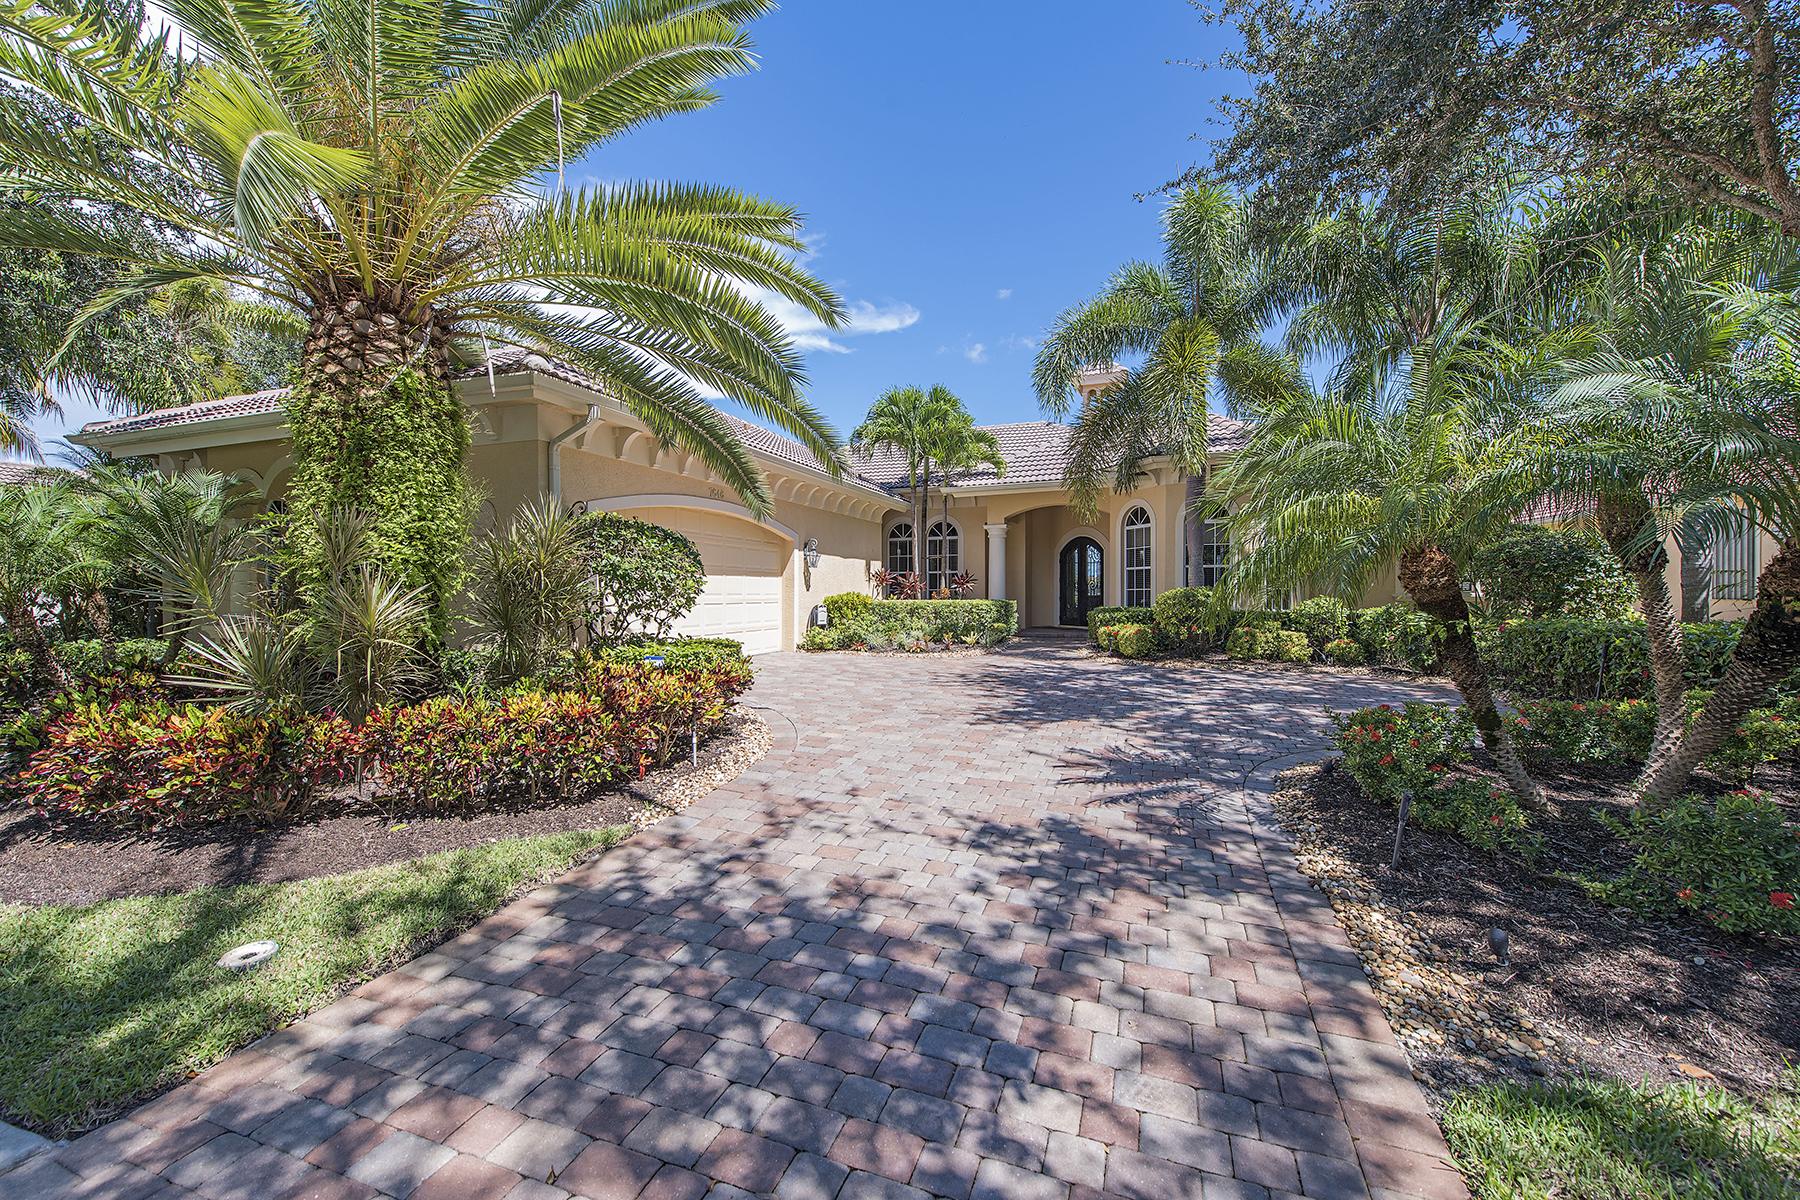 一戸建て のために 売買 アット FIDDLER'S CREEK - MULBERRY ROW 7646 Mulberry Ln Naples, フロリダ 34114 アメリカ合衆国